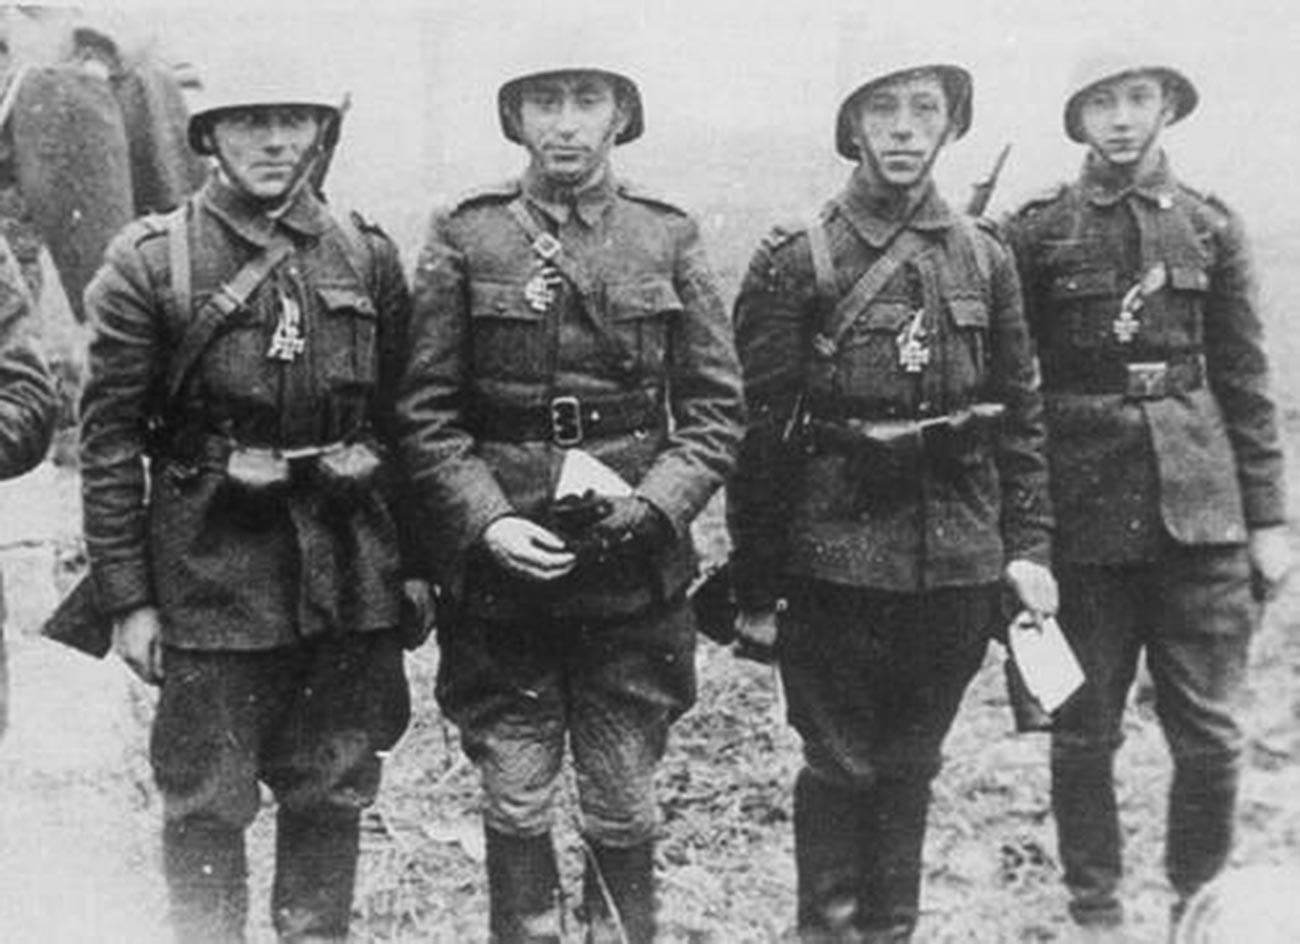 Vojaki 8. konjeniške brigade po prejetju železnega križca. Krim, 7. januarja 1942